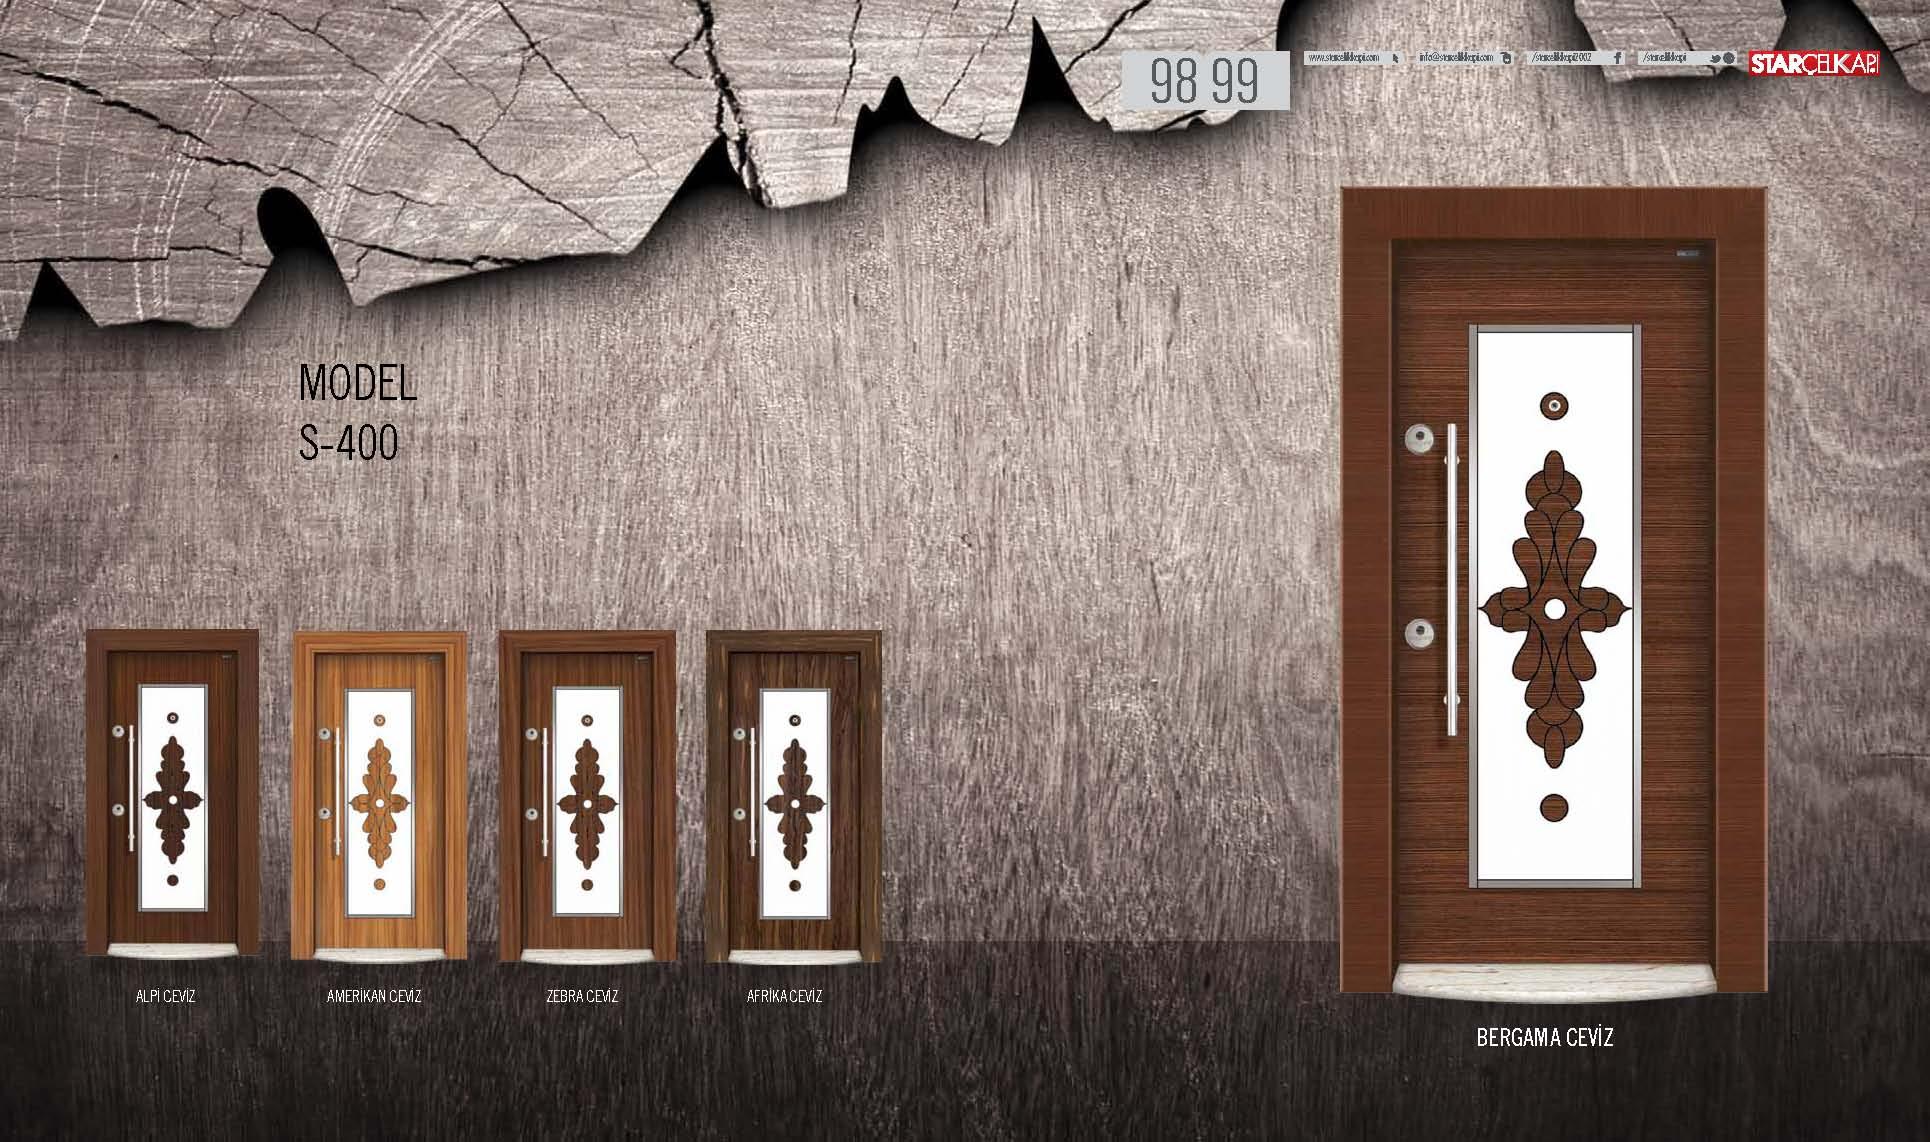 vhodni-vrati-starcelik_page_50